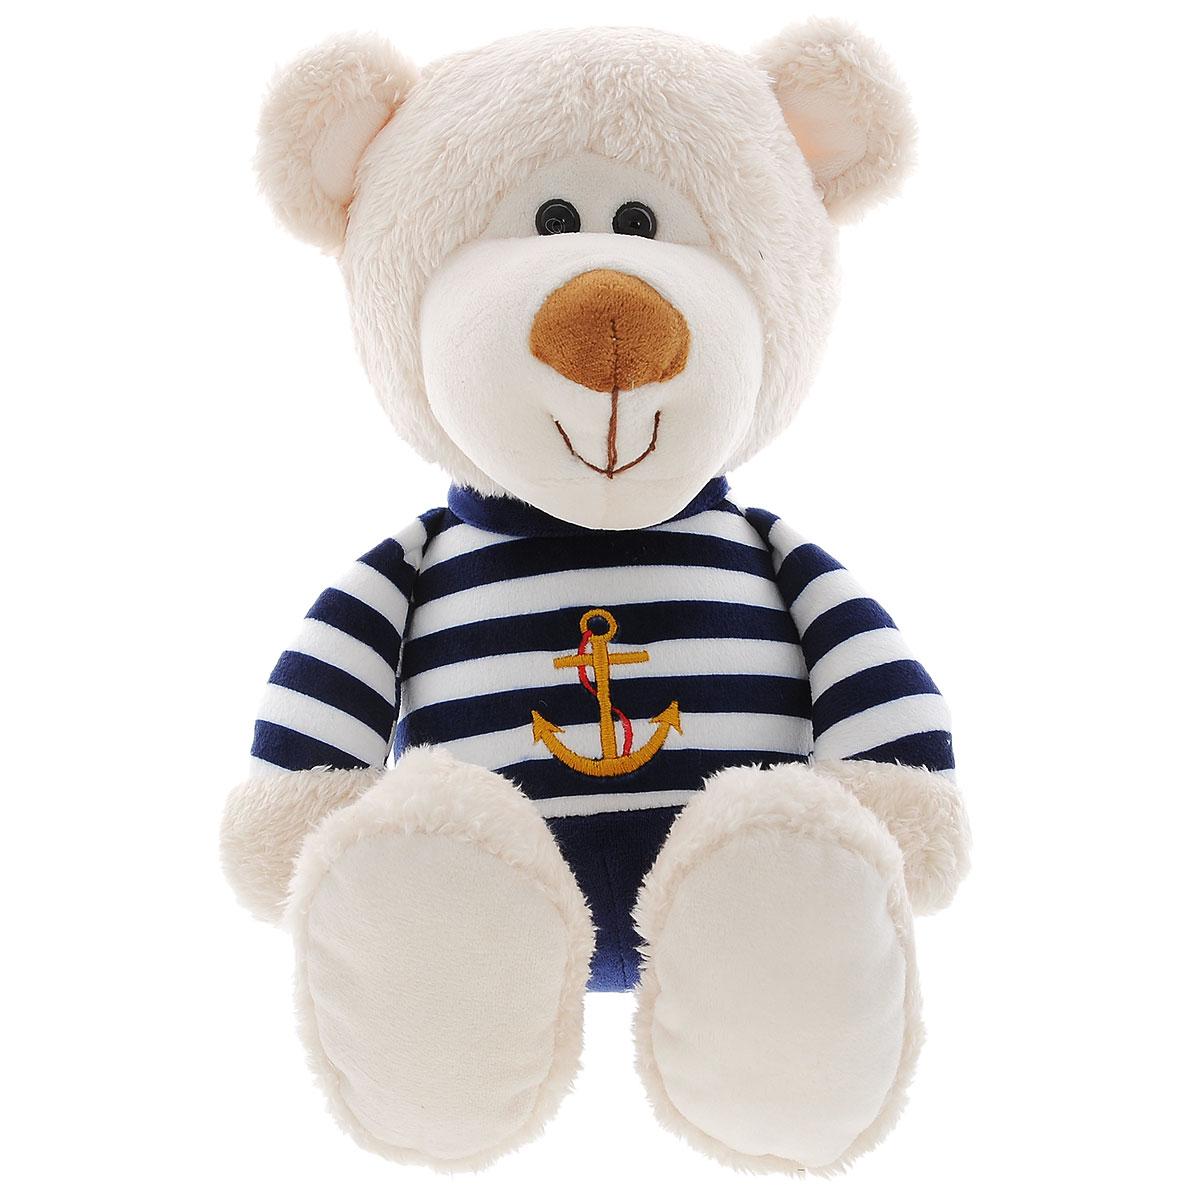 Мягкая игрушка Plush Apple Медведь моряк, 38 смK34124СМягкая игрушка Plush Apple Медведь моряк станет лучшим другом для любого ребенка. Игрушка изготовлена из высококачественных текстильных материалов. Выполнена игрушка в виде очаровательного медвежонка, одетого в костюм морского стиля с изображением якоря. Глазки медведя из пластика. Такая игрушка вызывает умиление не только у детей, но и у взрослых. Поэтому она станет отличным подарком не только ребенку, но и друзьям.